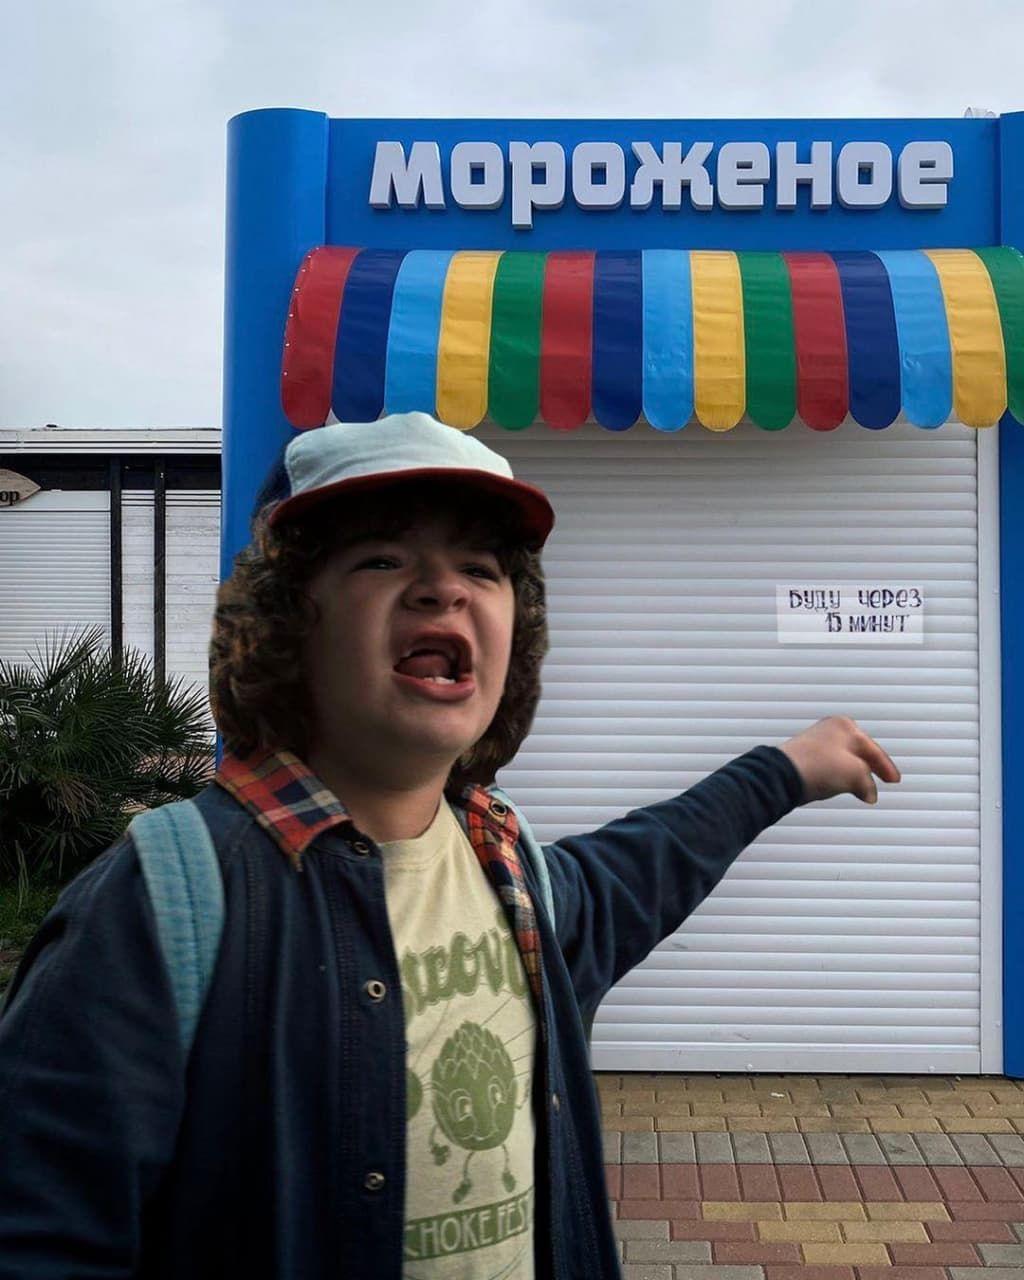 ©Изображение Netflix Russia, instagram.com/netflixru/